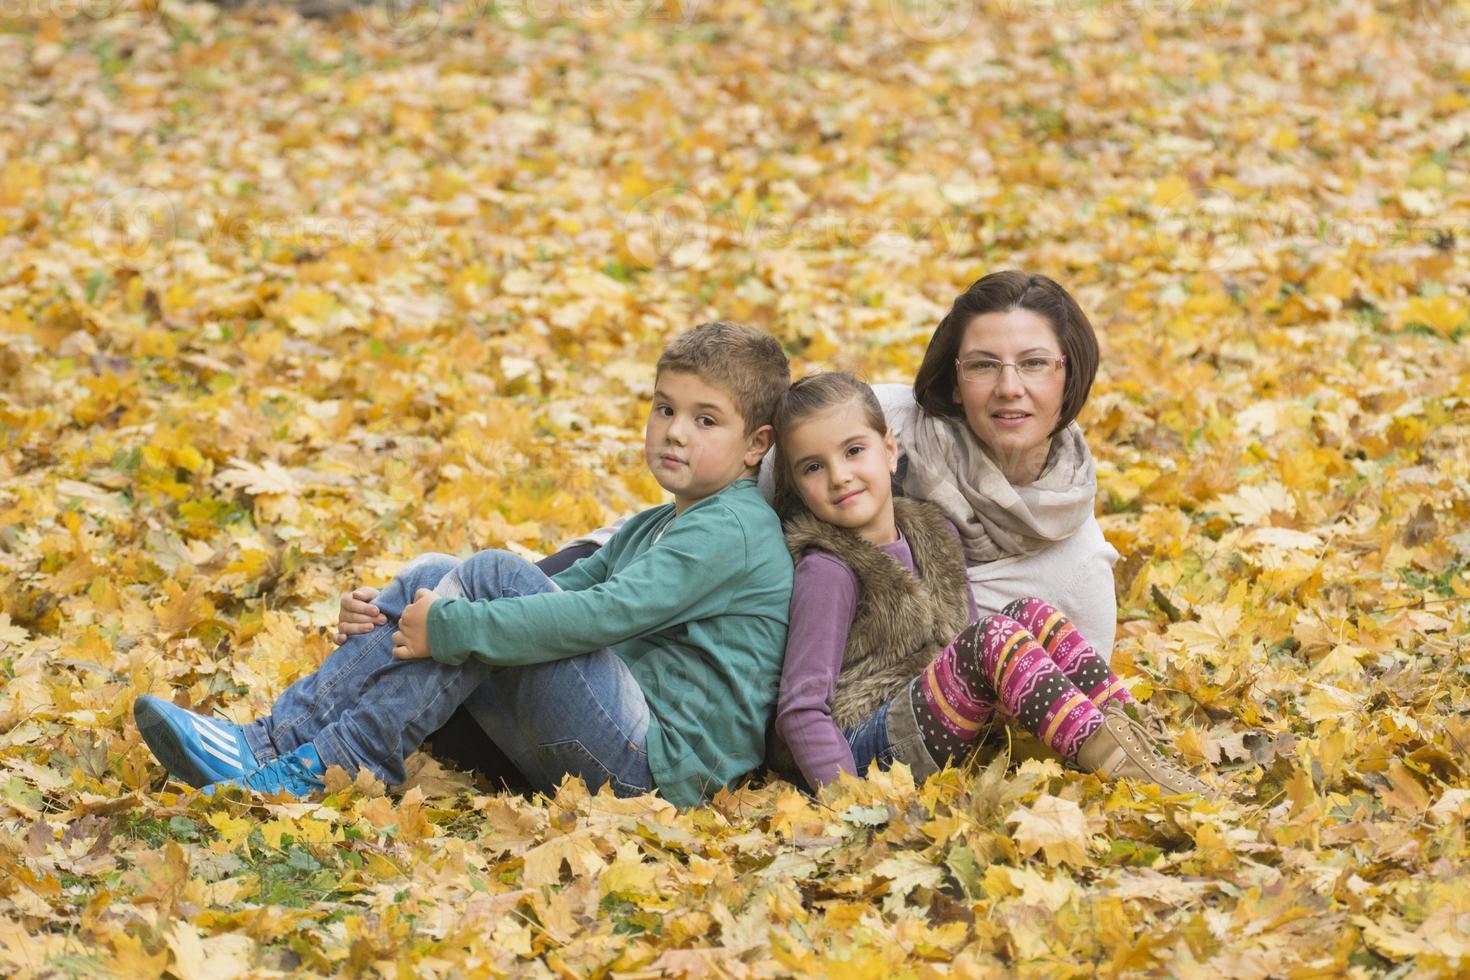 mor och barn njuter av hösten i parken foto